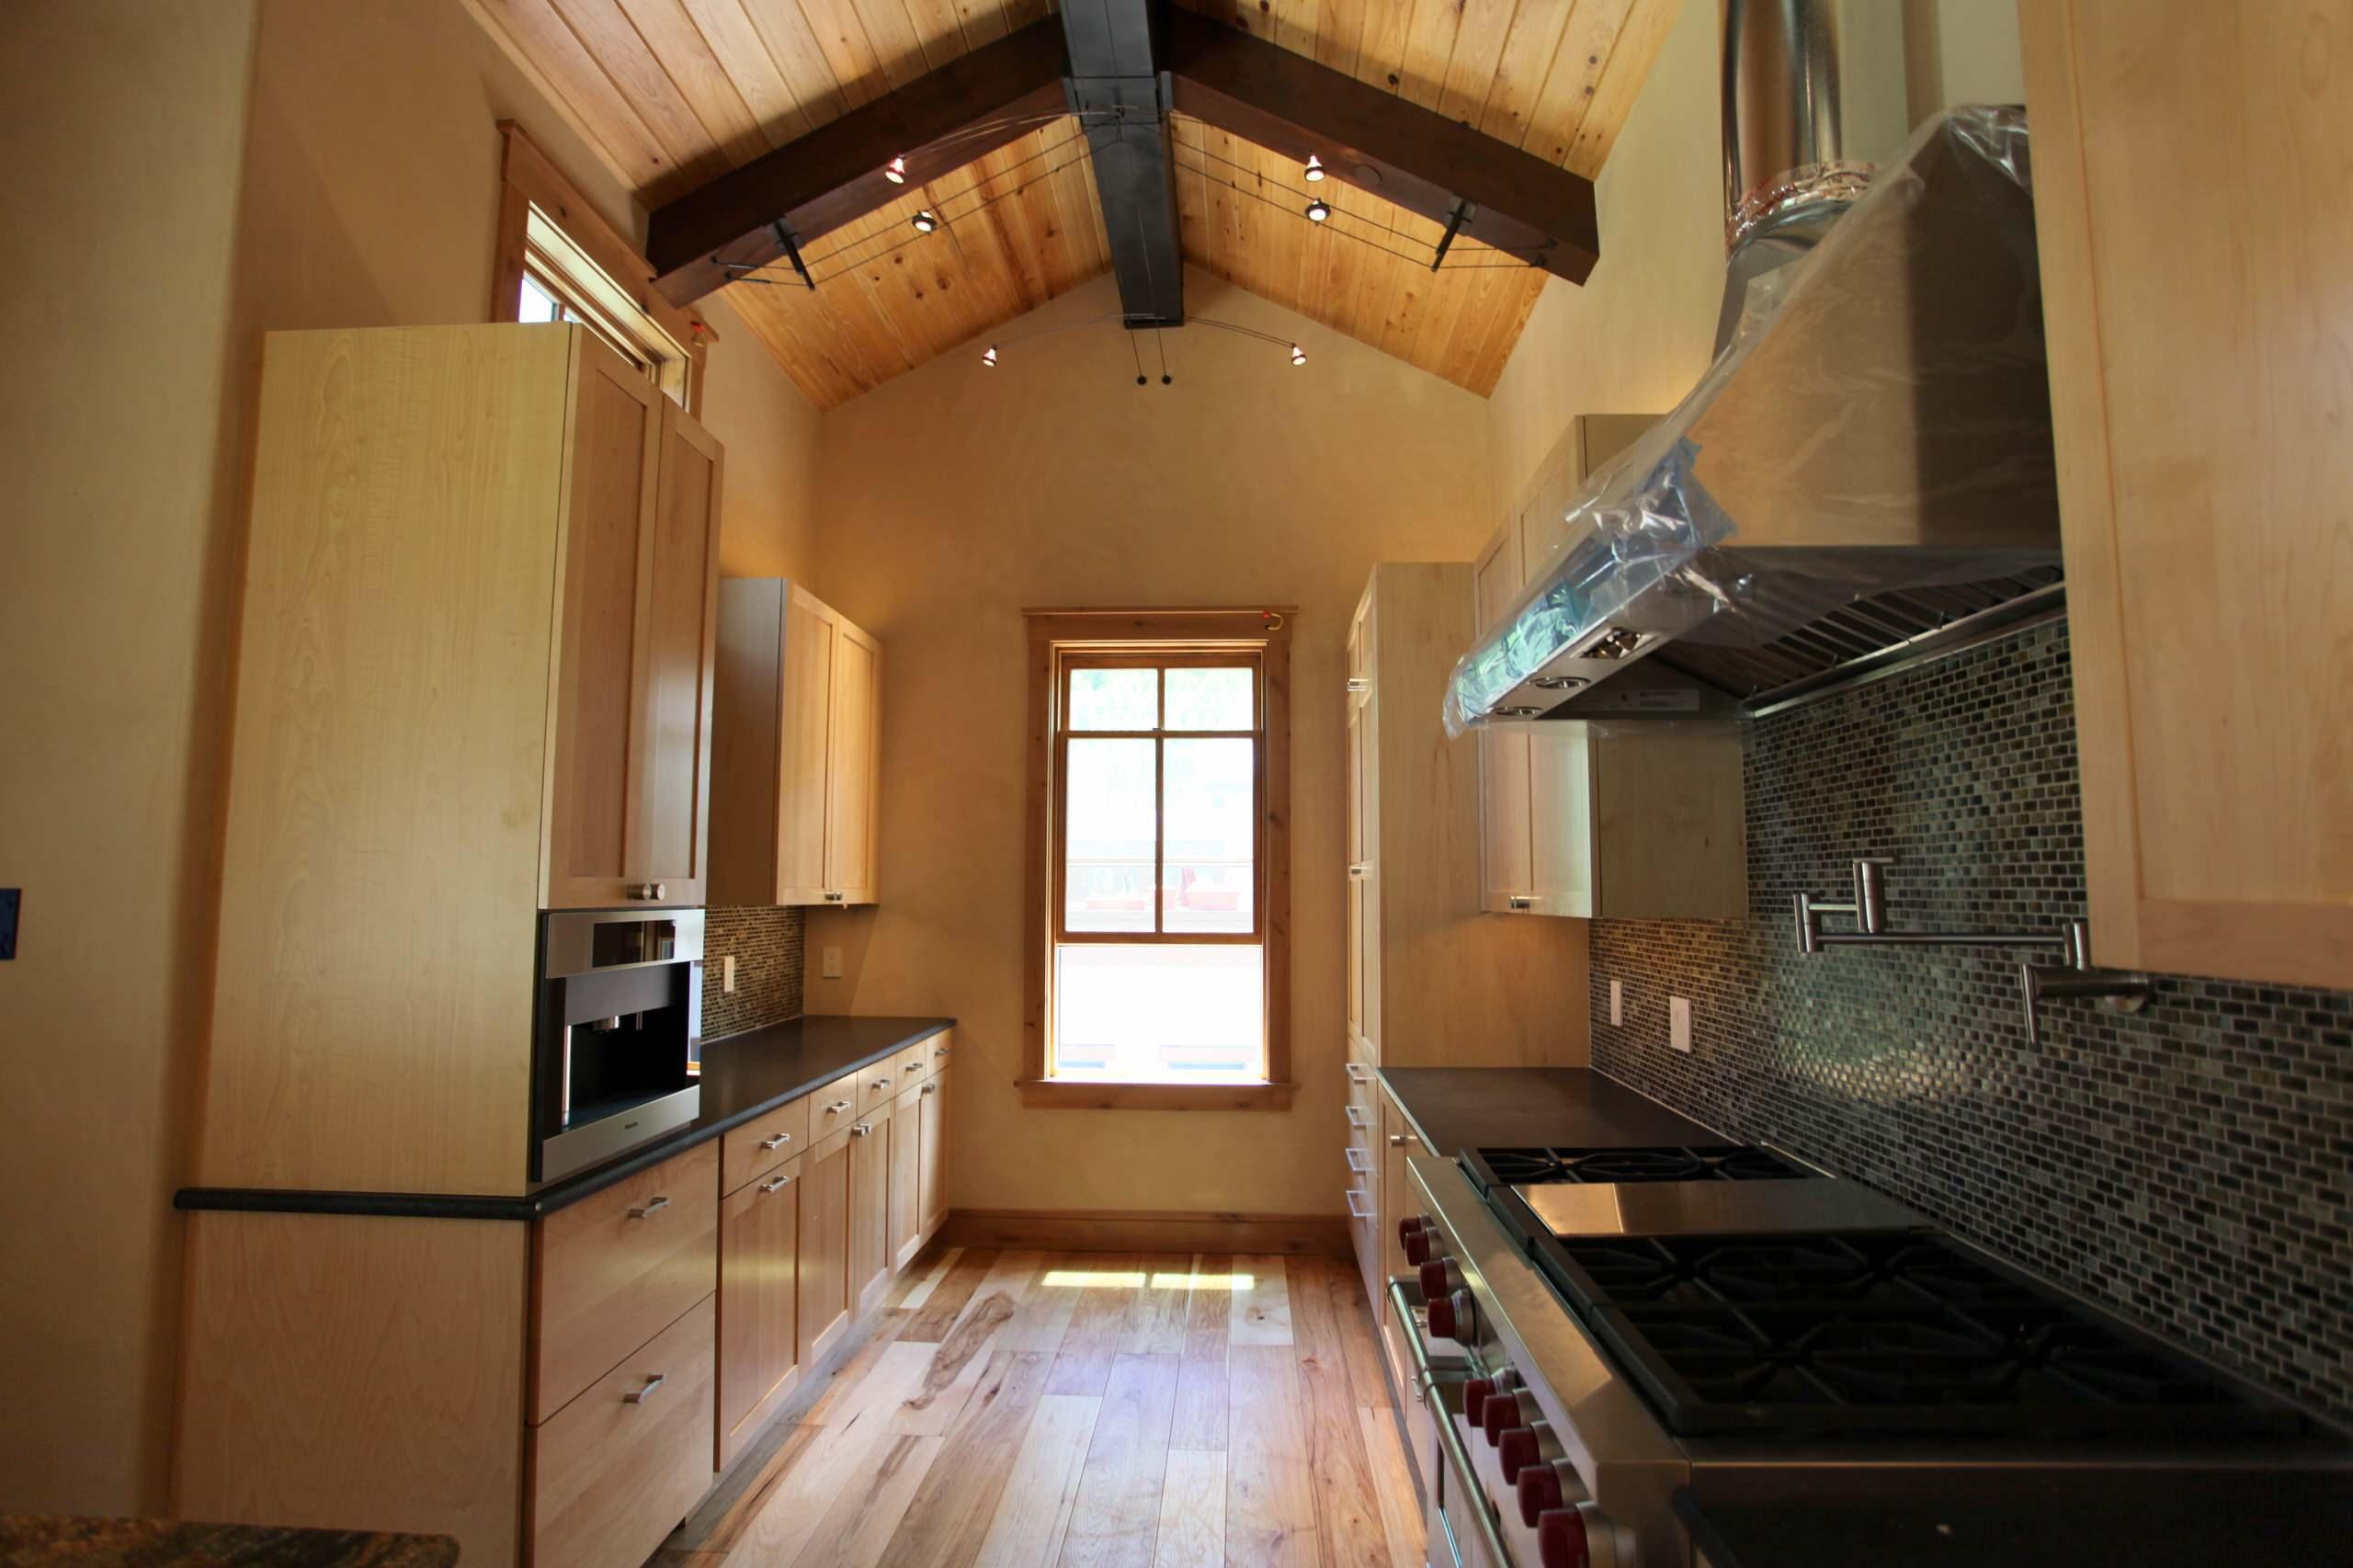 Telluride Condominium Kitchen